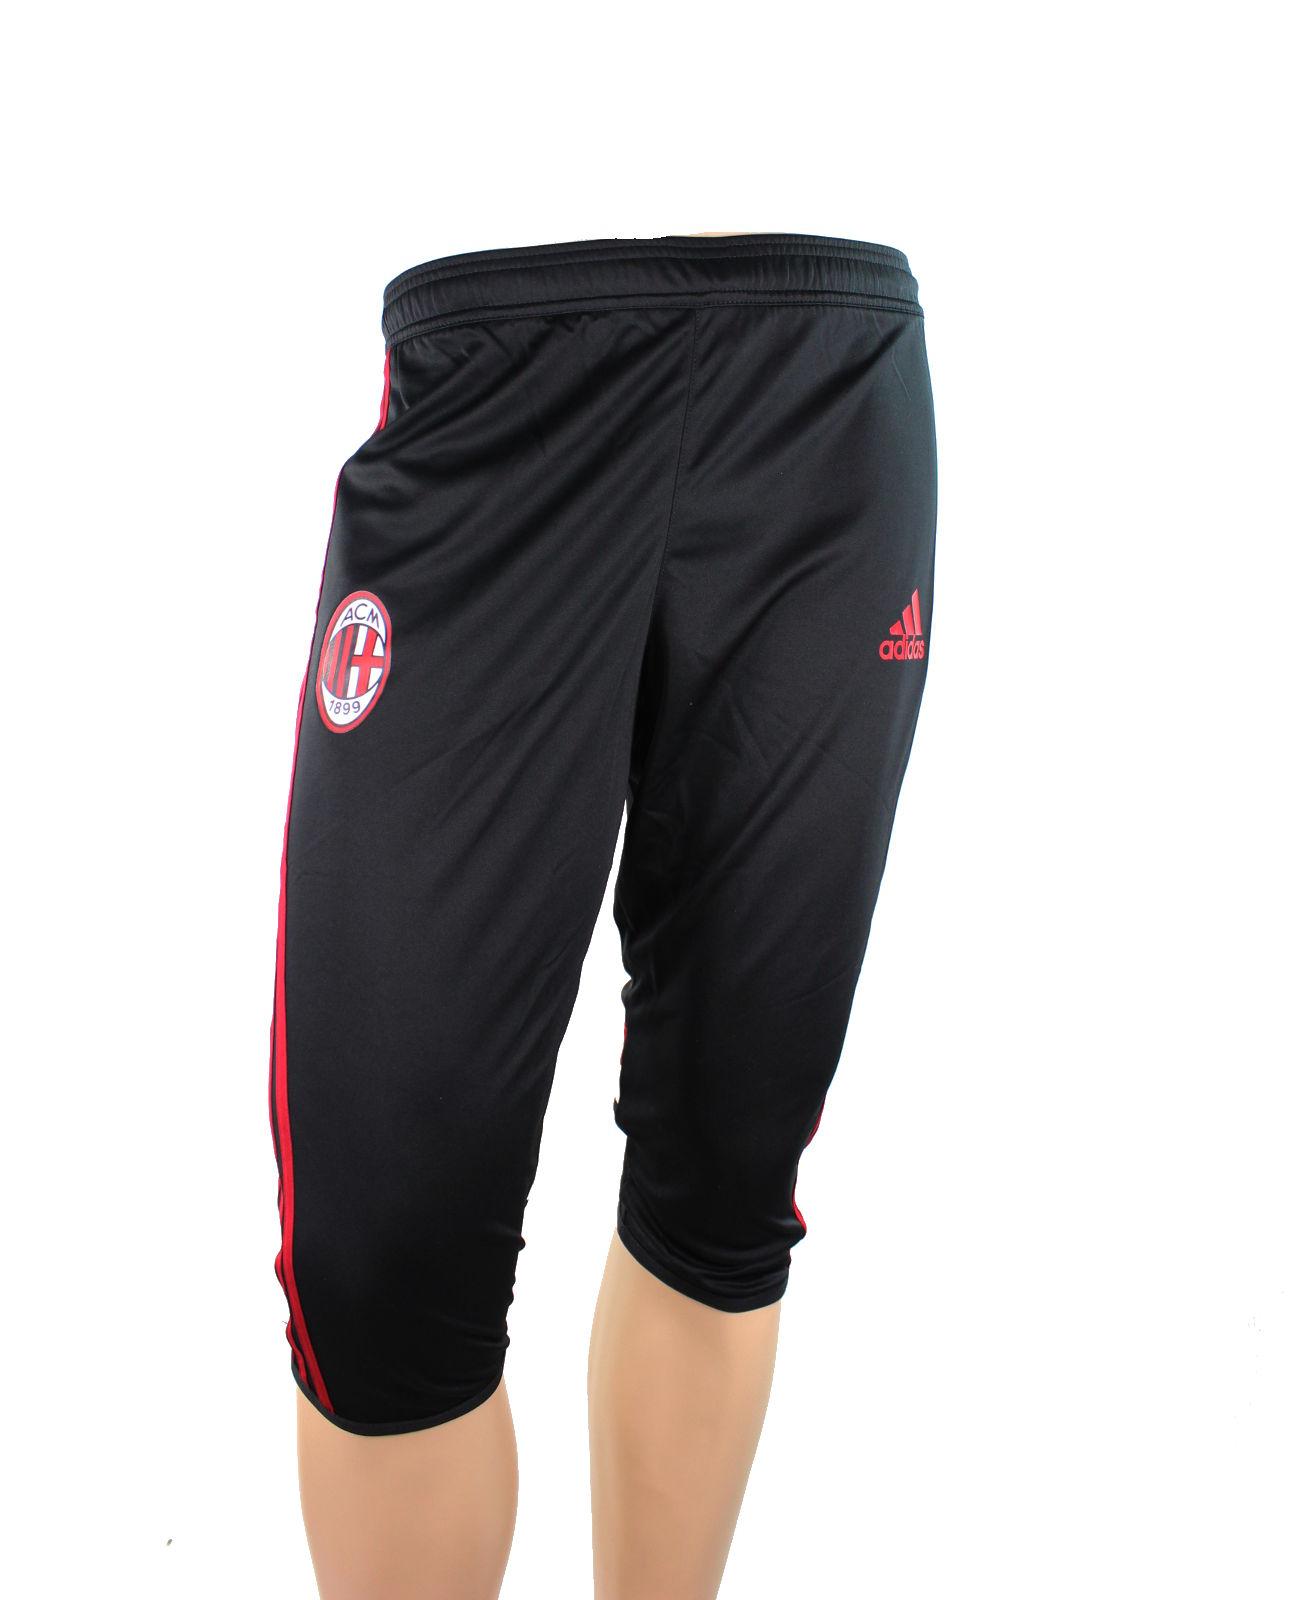 pantaloni adidas 3/4 uomo